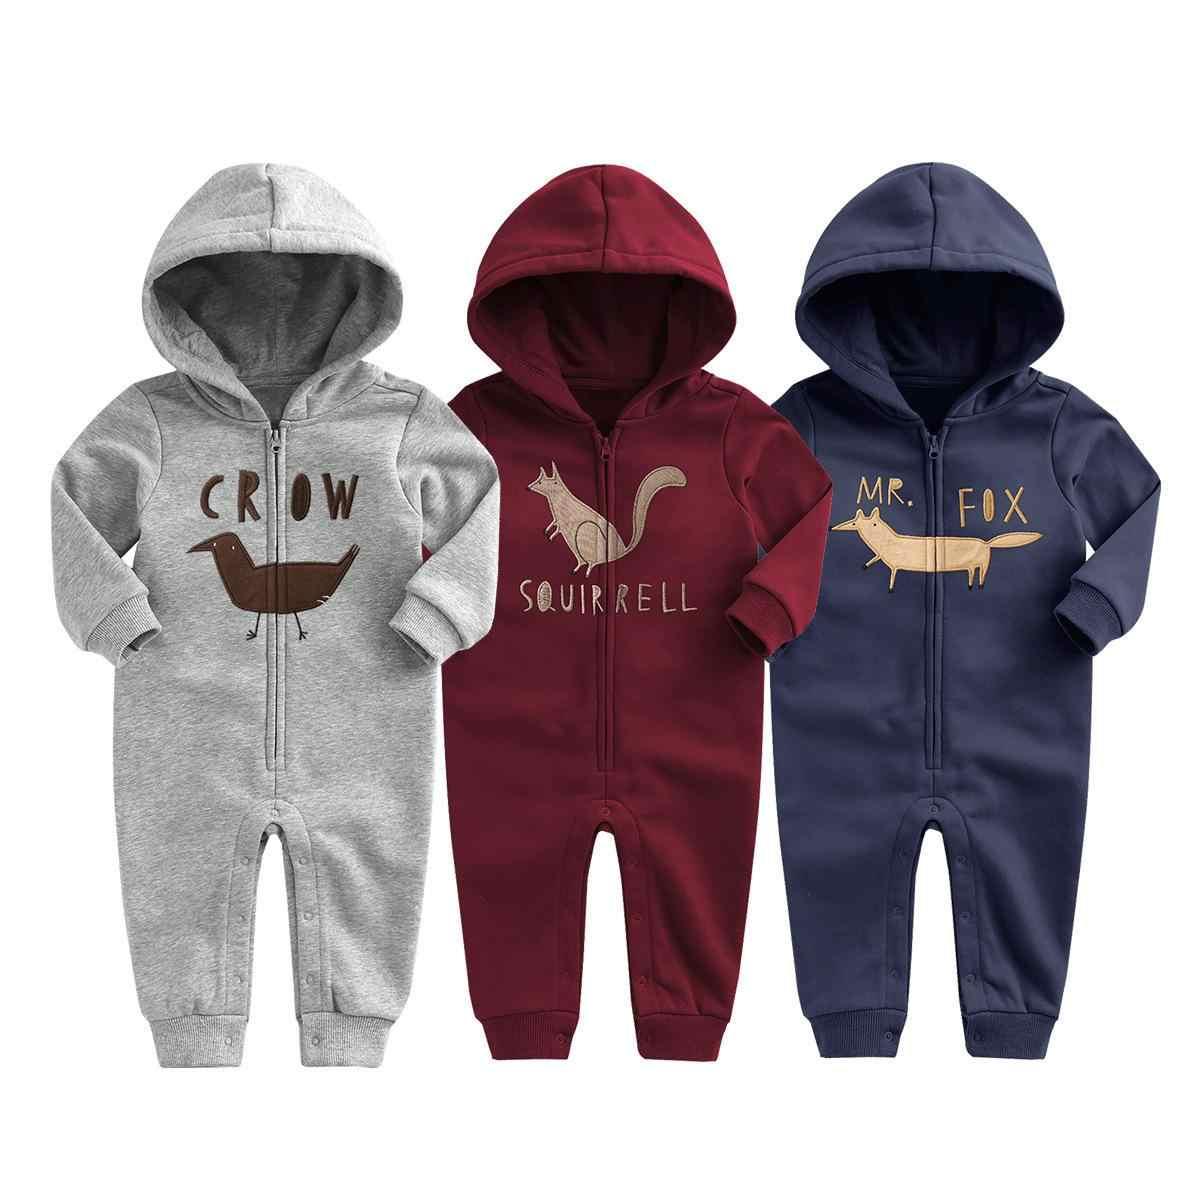 47636fced87b 2019 New Baby Autumn Winter Clothes Children Velvet Climbing Romoers  Newborm Baby Boy Girls Long Sleeve